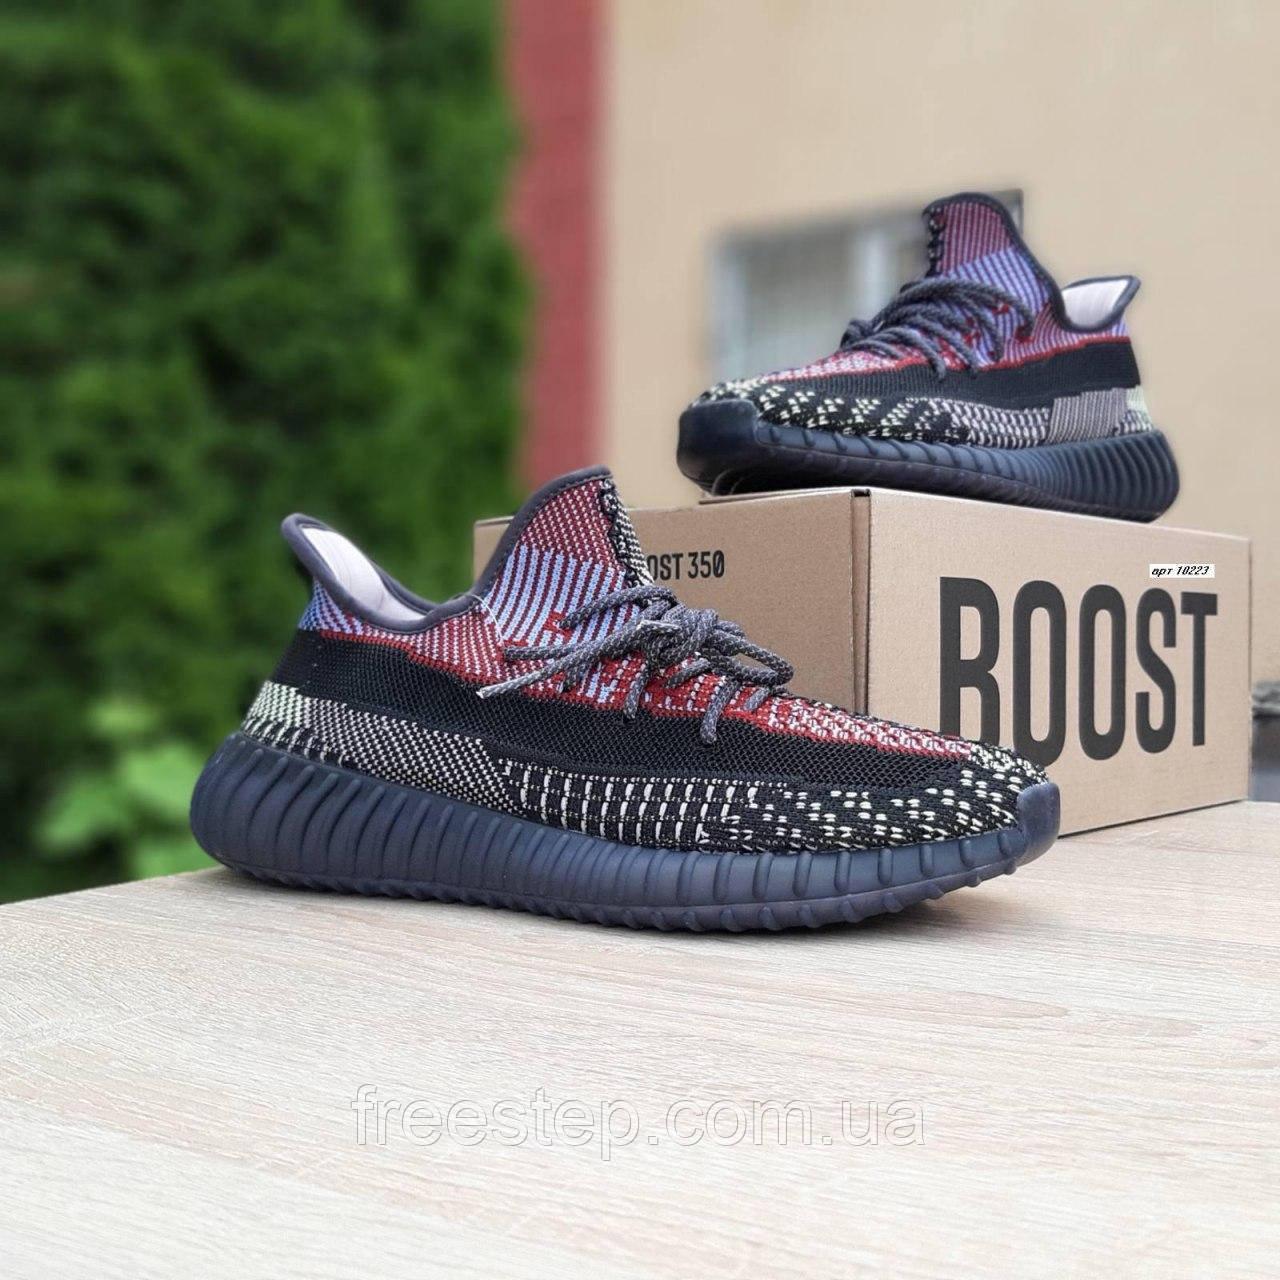 Чоловічі кросівки в стилі Adidas Yeezy Boost 350 кольорові